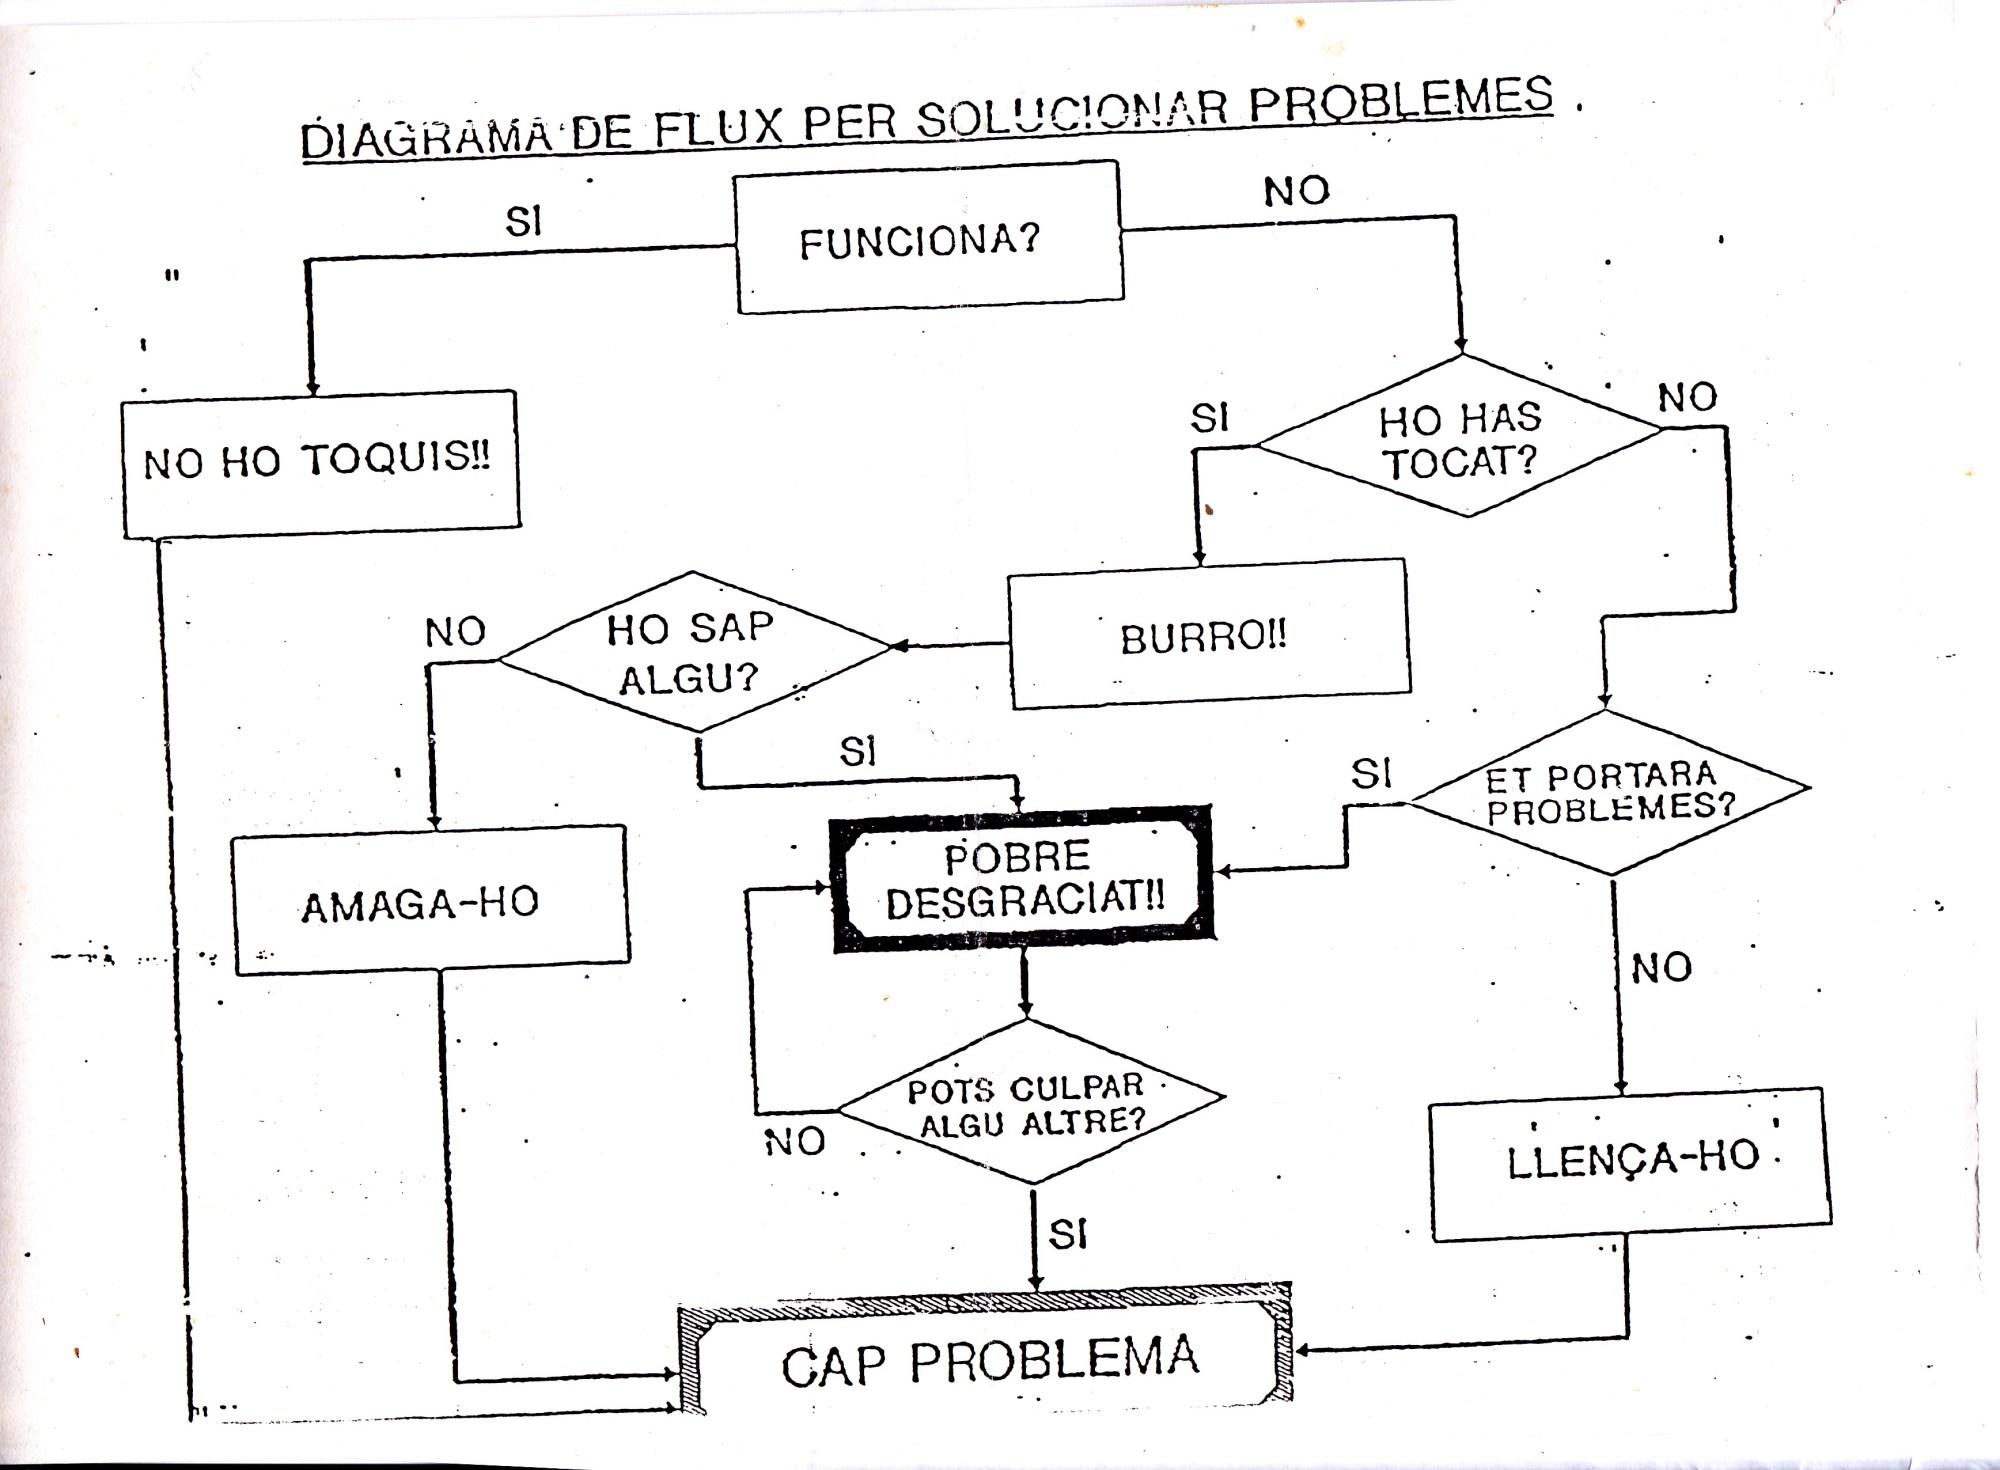 hight resolution of 49 cuando no hab an redes sociales 2 organigrama o diagrama de flujo un curso de milagros bio s pnl biodescodificaci n grupo p blico de estudio